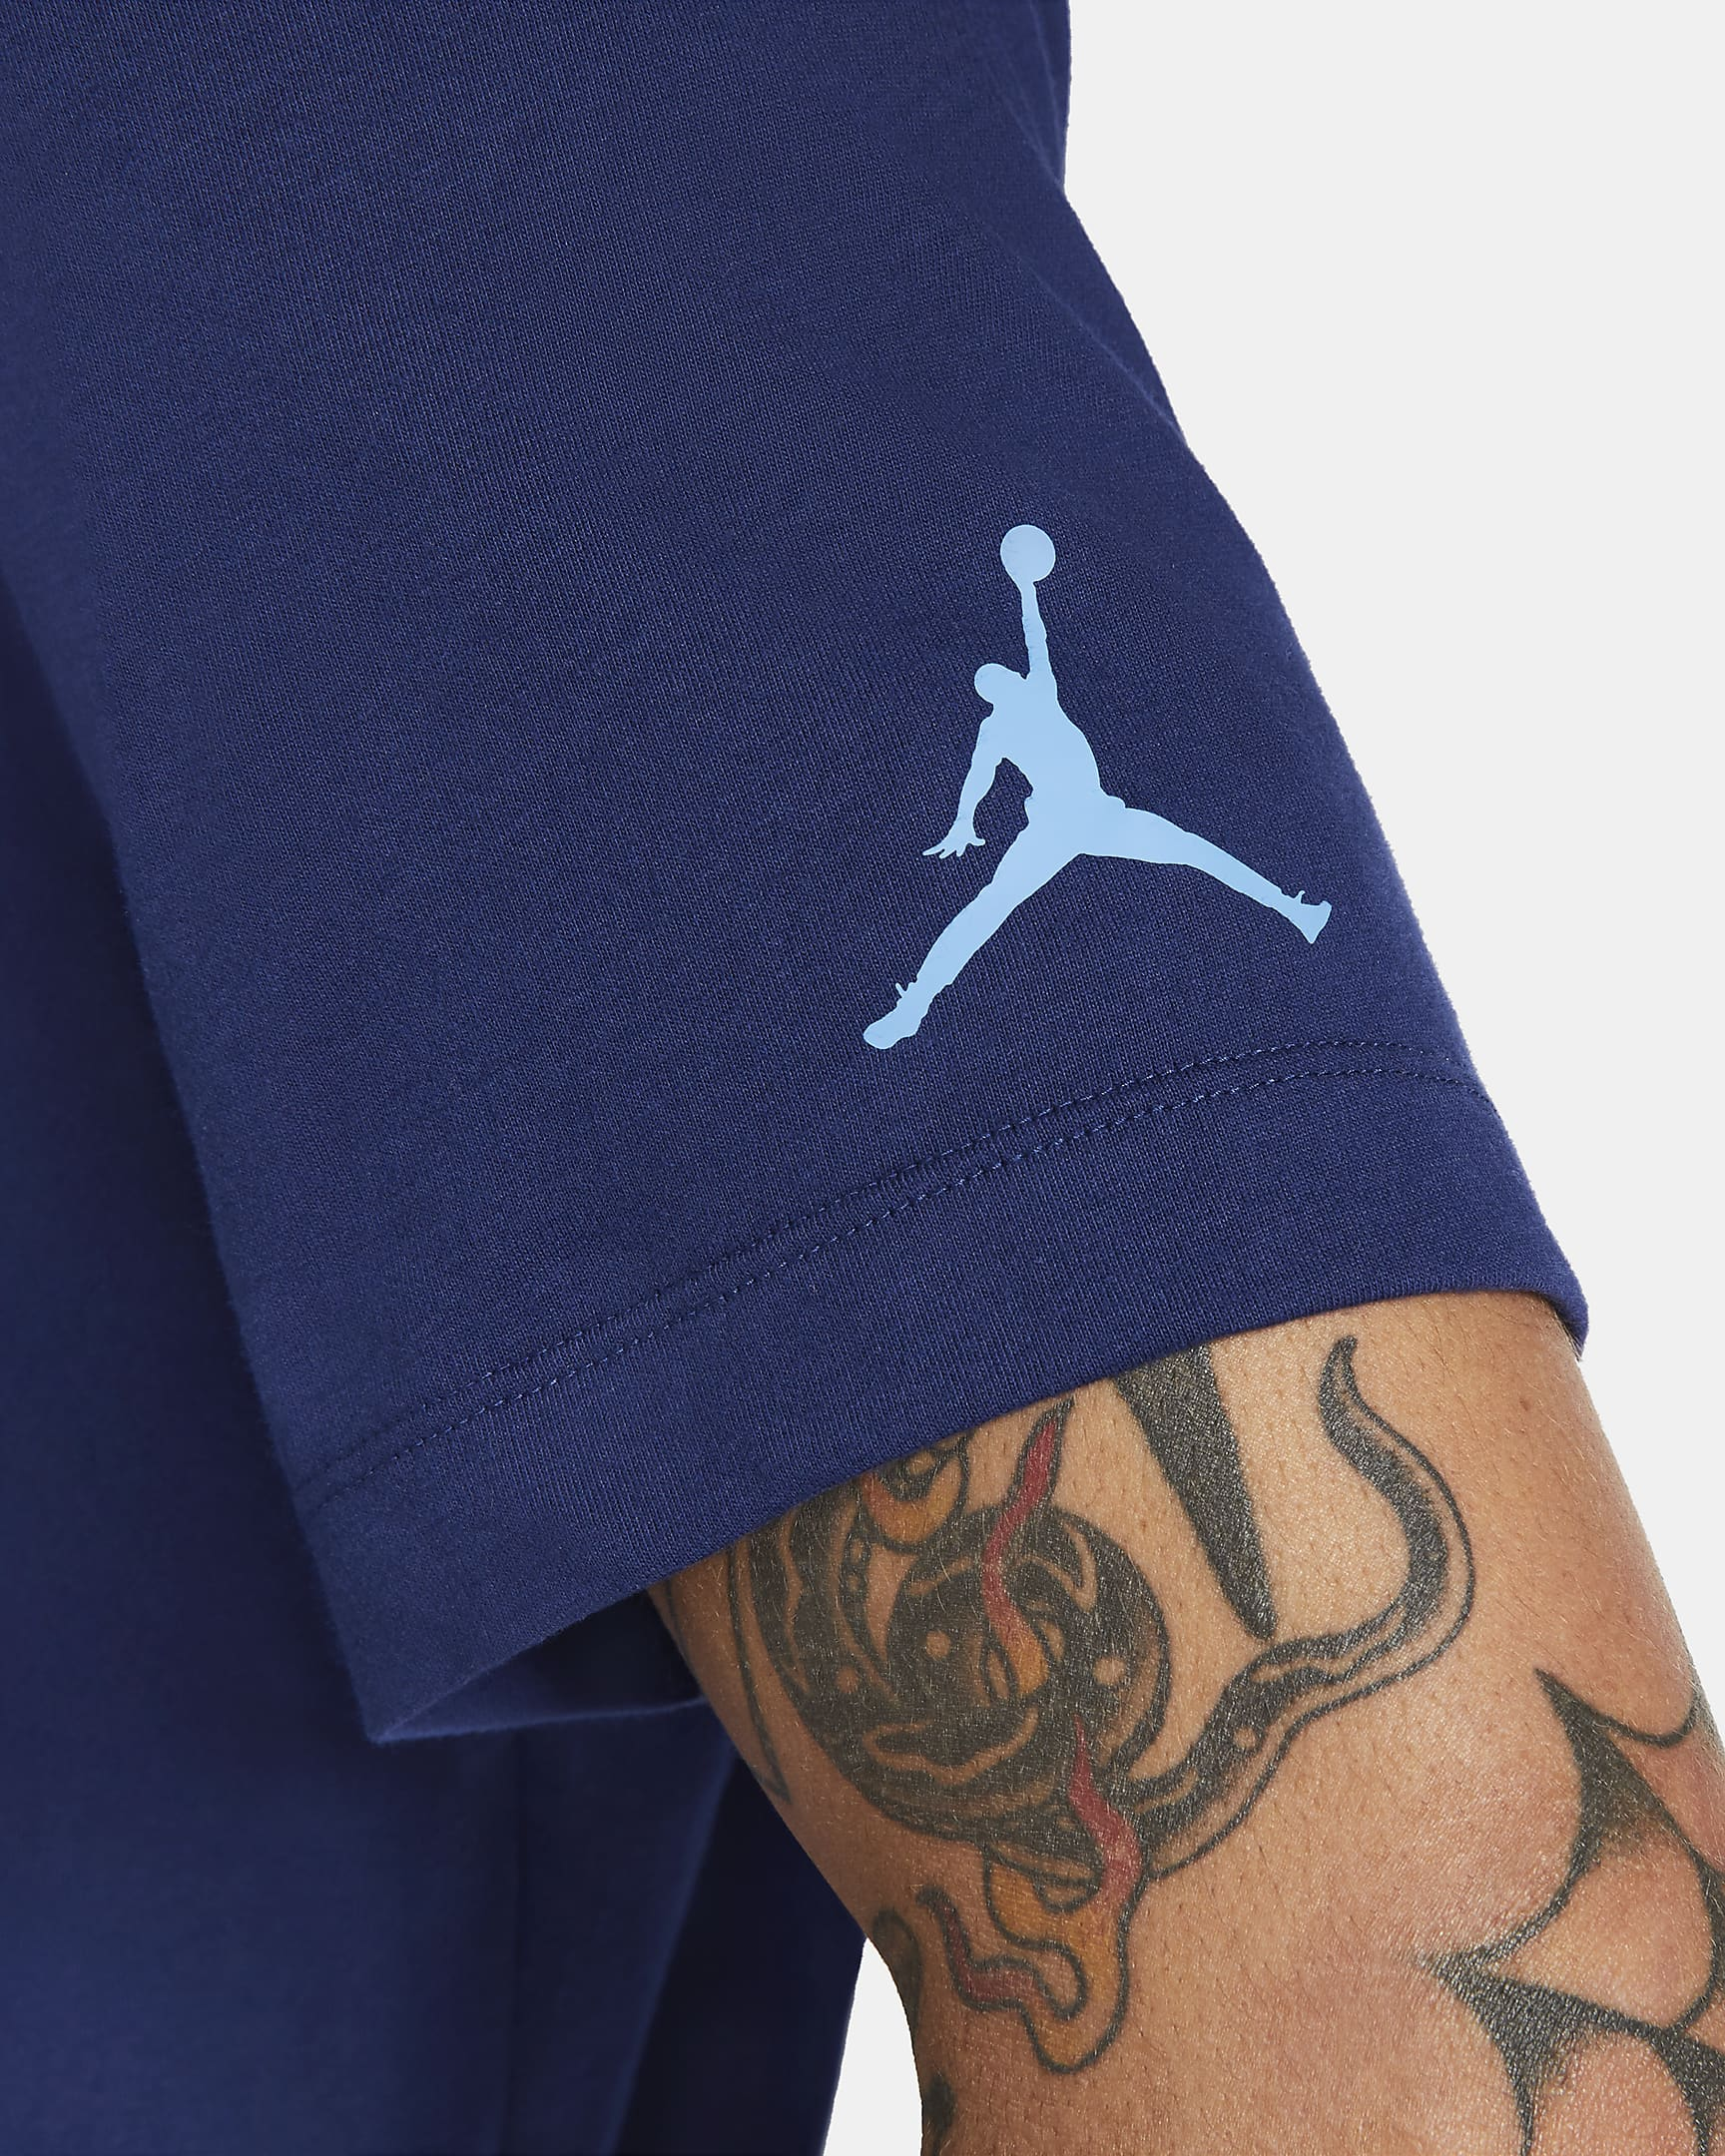 jordan-jumpman-air-mensn-short-sleeve-t-shirt-dG7grb-2